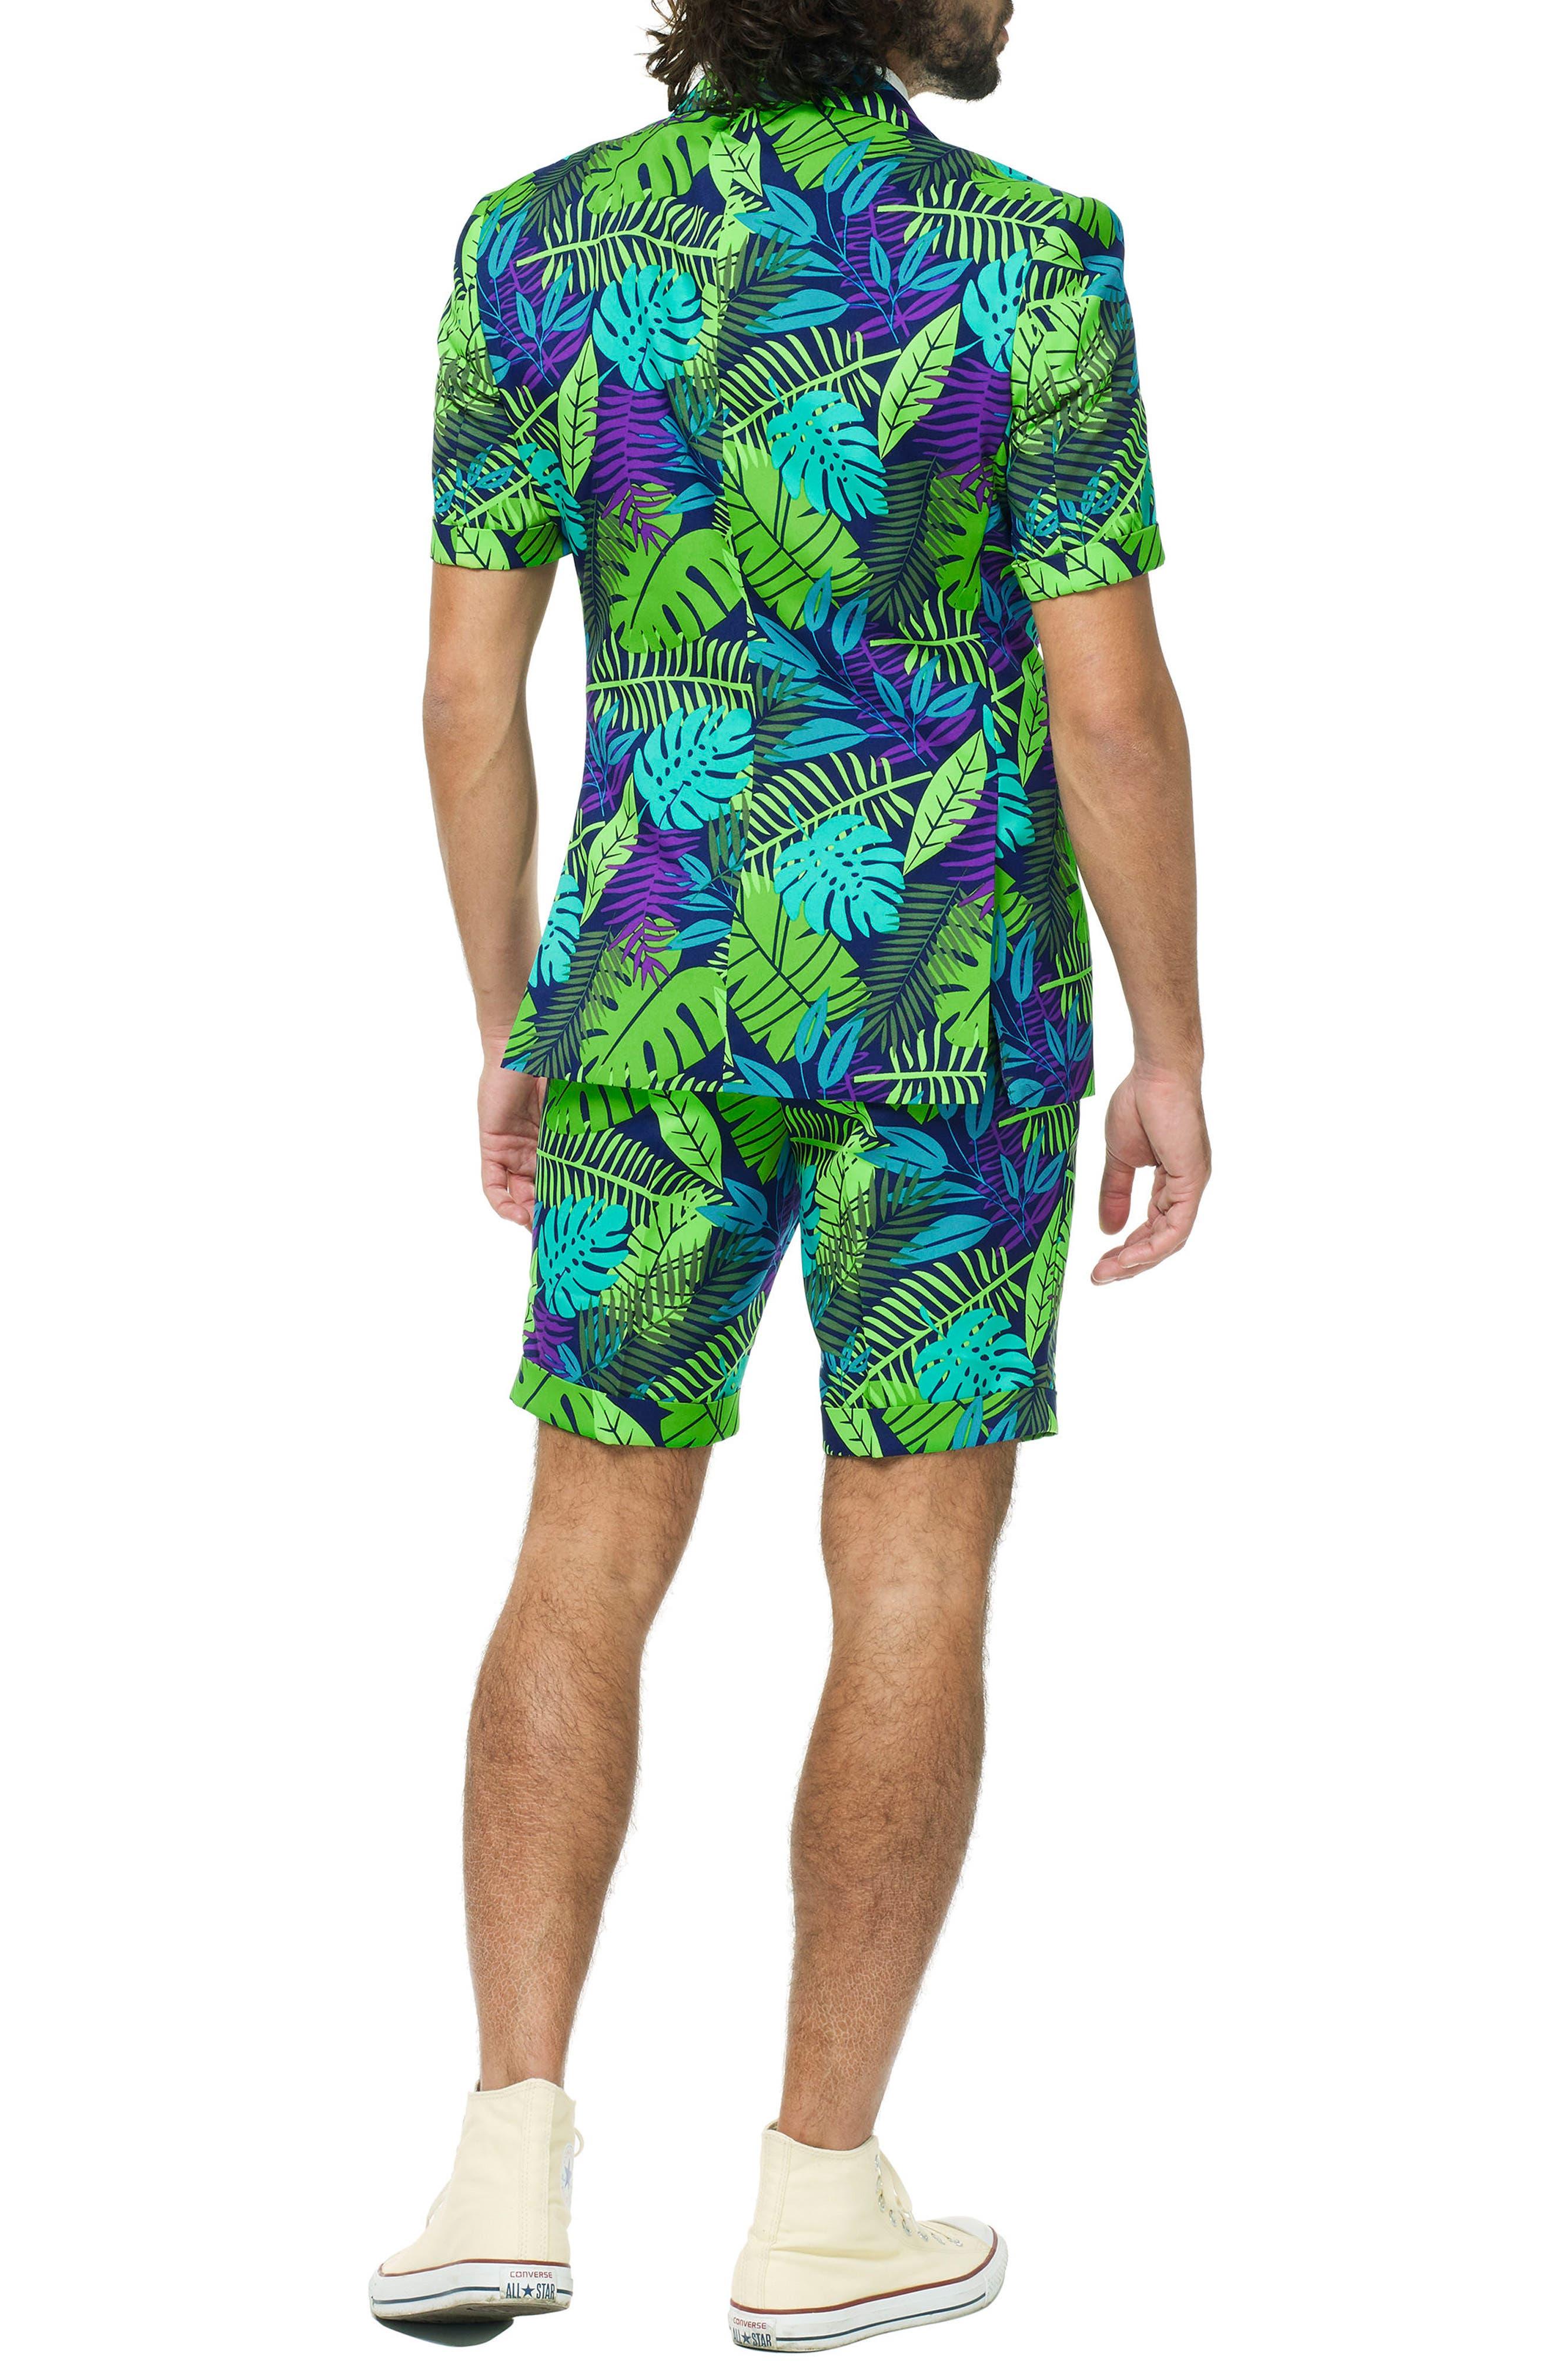 Juicy Jungle Trim Fit Two-Piece Short Suit with Tie,                             Alternate thumbnail 2, color,